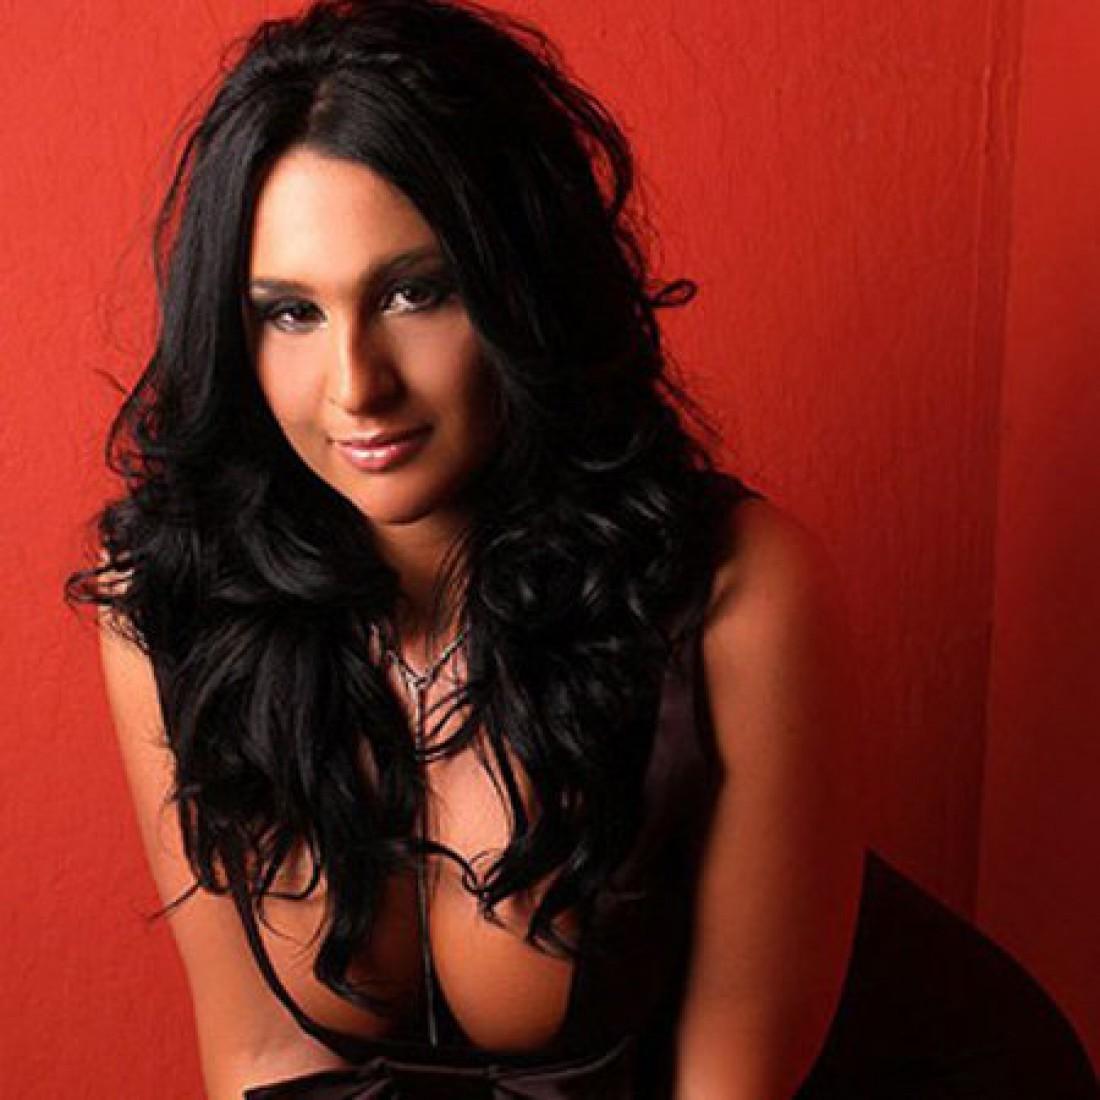 Натали Дилан. Готова была продать свою девственность в онлайн-борделе